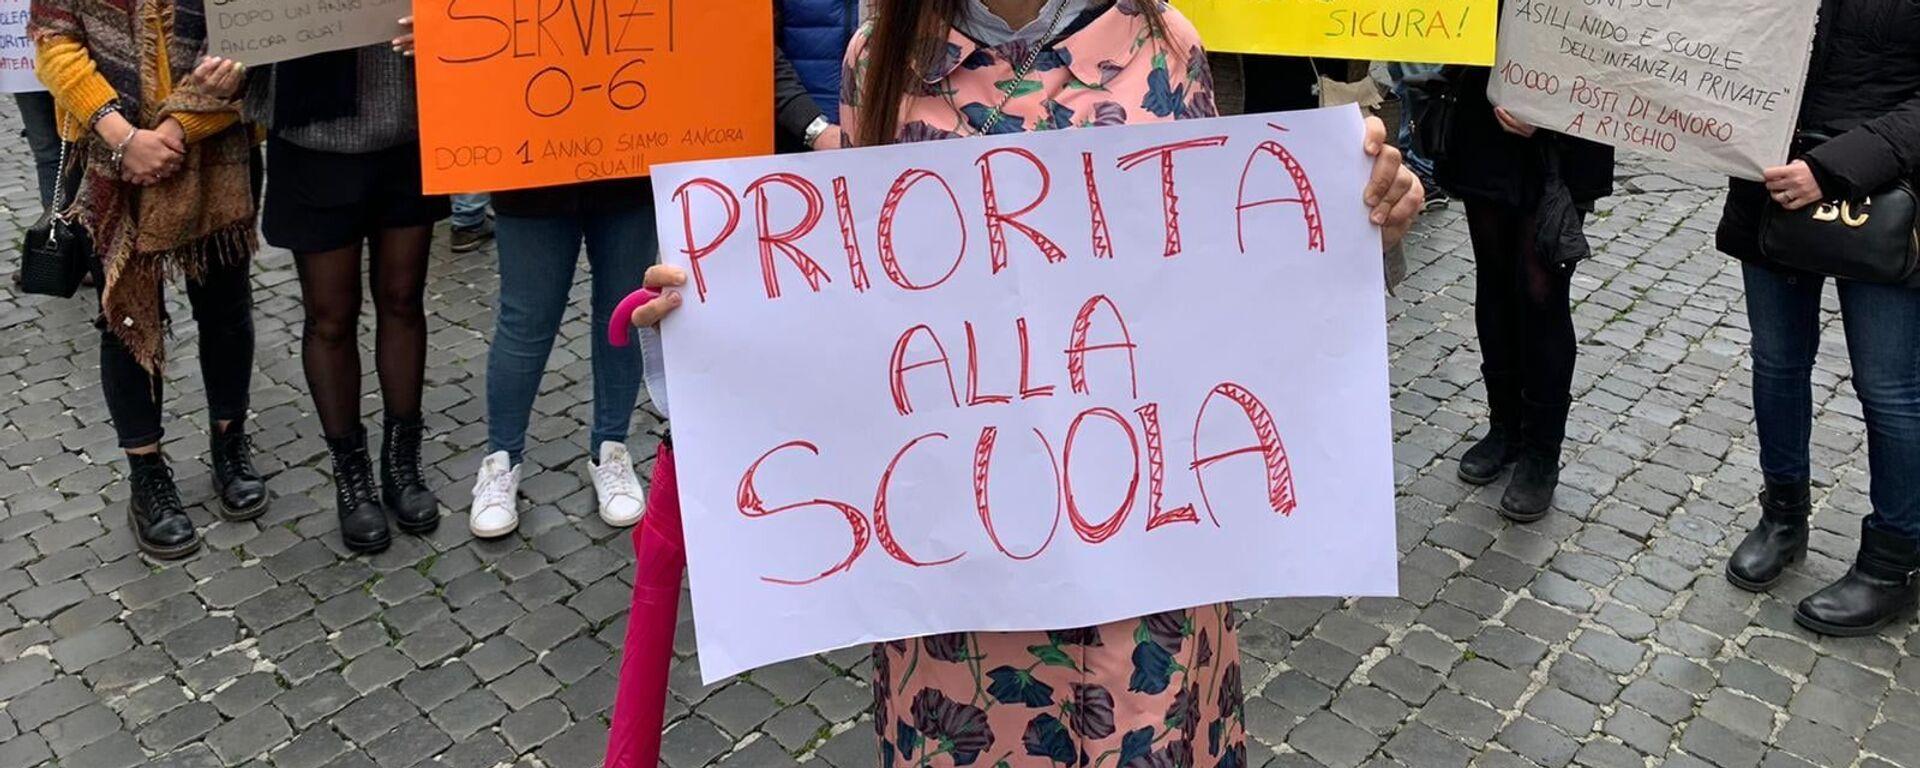 Manifestazione del Comitato Priorità alla scuola a Montecitorio, Roma - Sputnik Italia, 1920, 02.09.2021